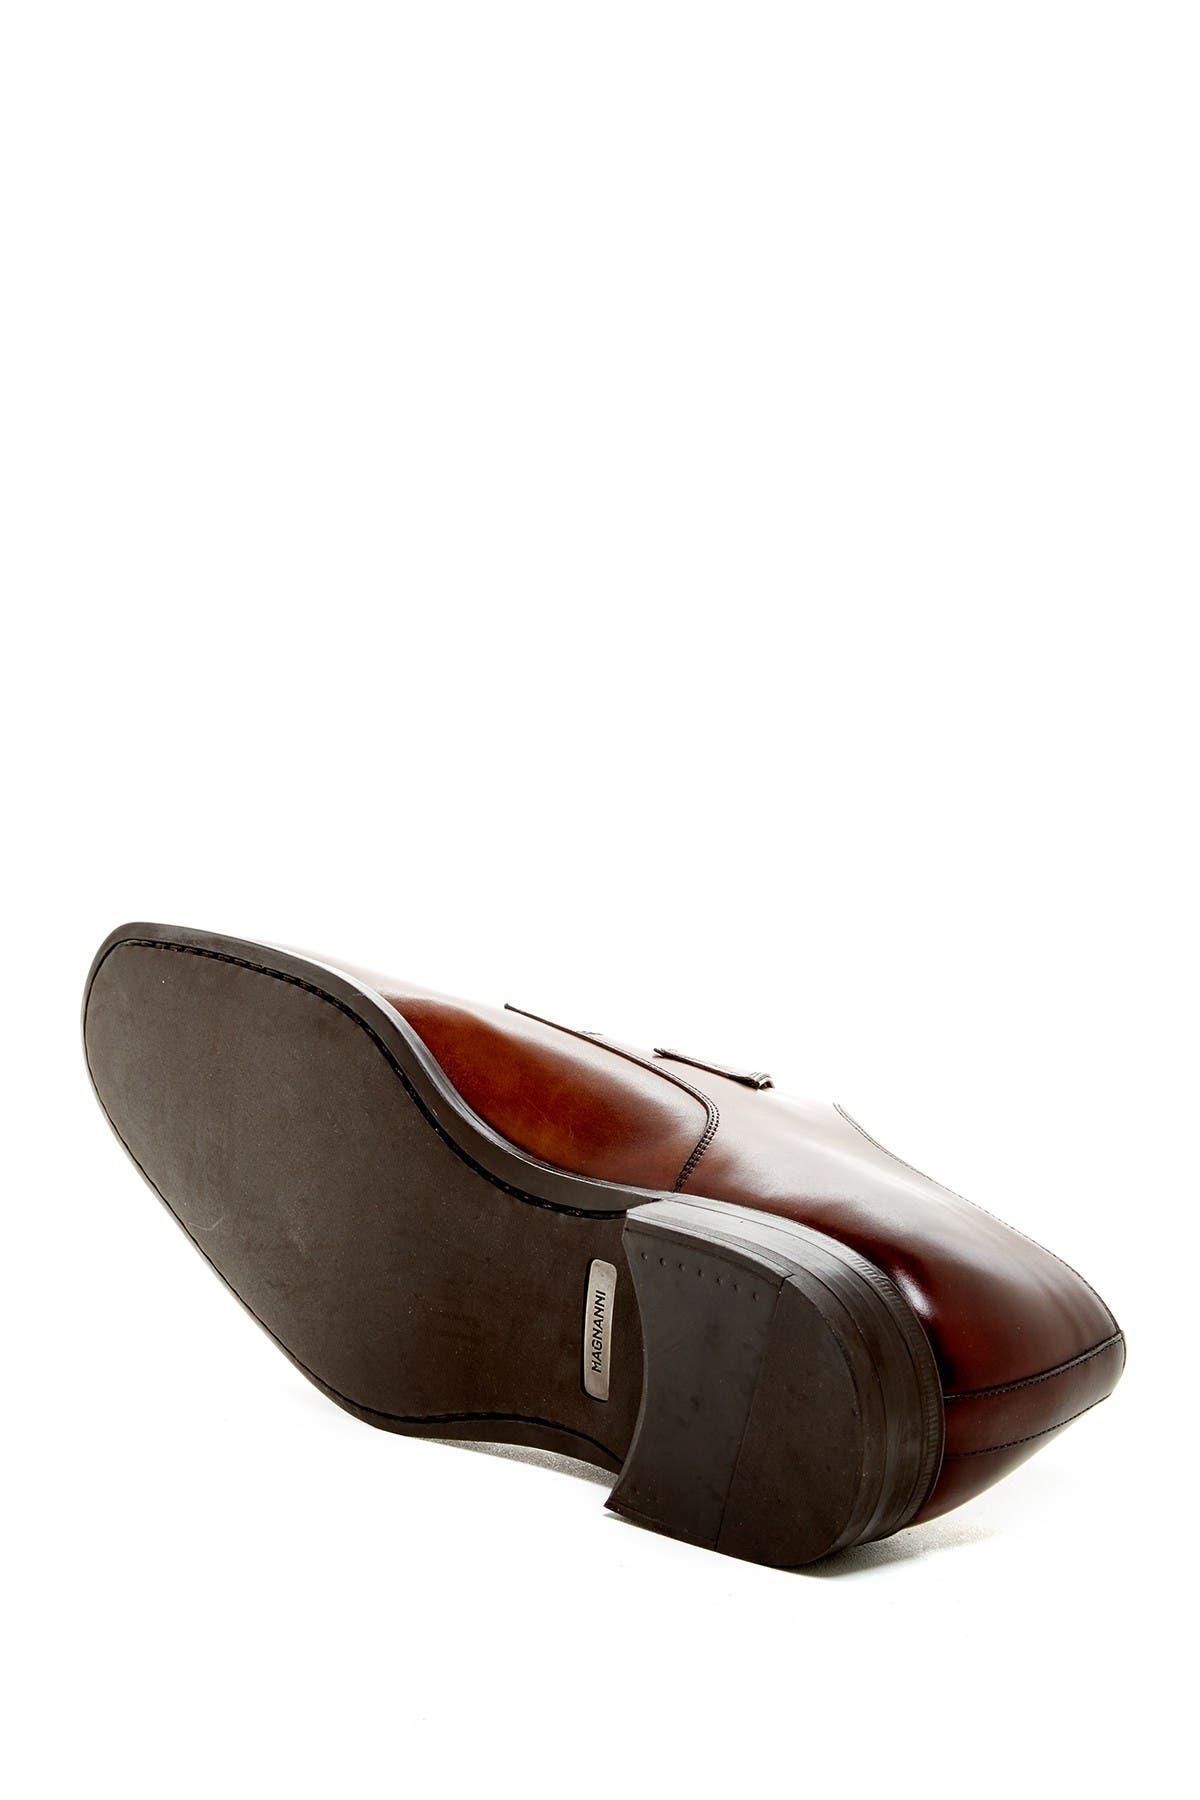 Tudanca Leather Monk Strap Dress Shoe